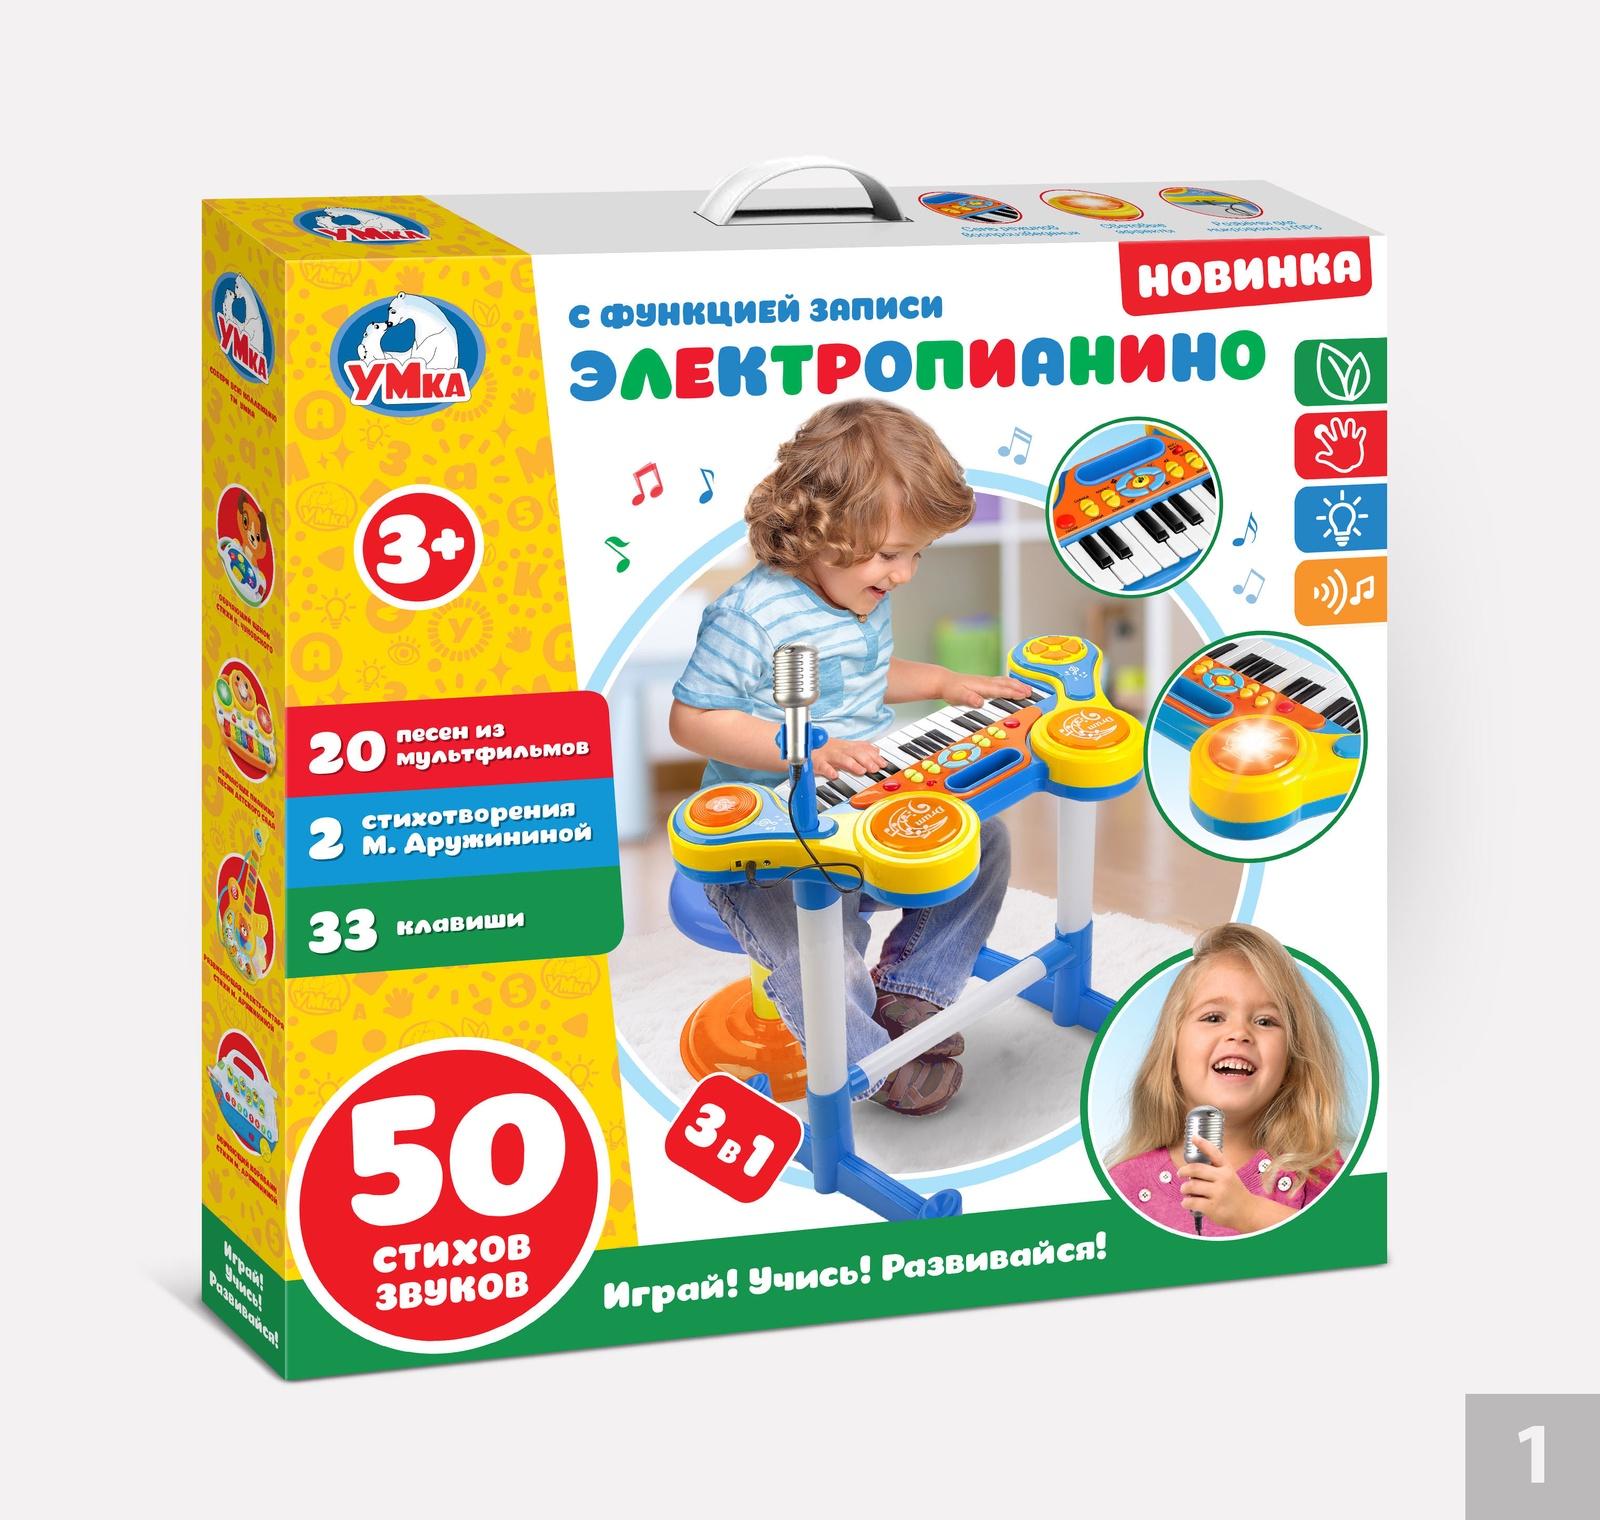 Музыкальная игрушка Умка 267935, 267935 белый, желтый, синий детский музыкальный инструмент умка пианино стихи м дружининой 20 песен b1084060 r